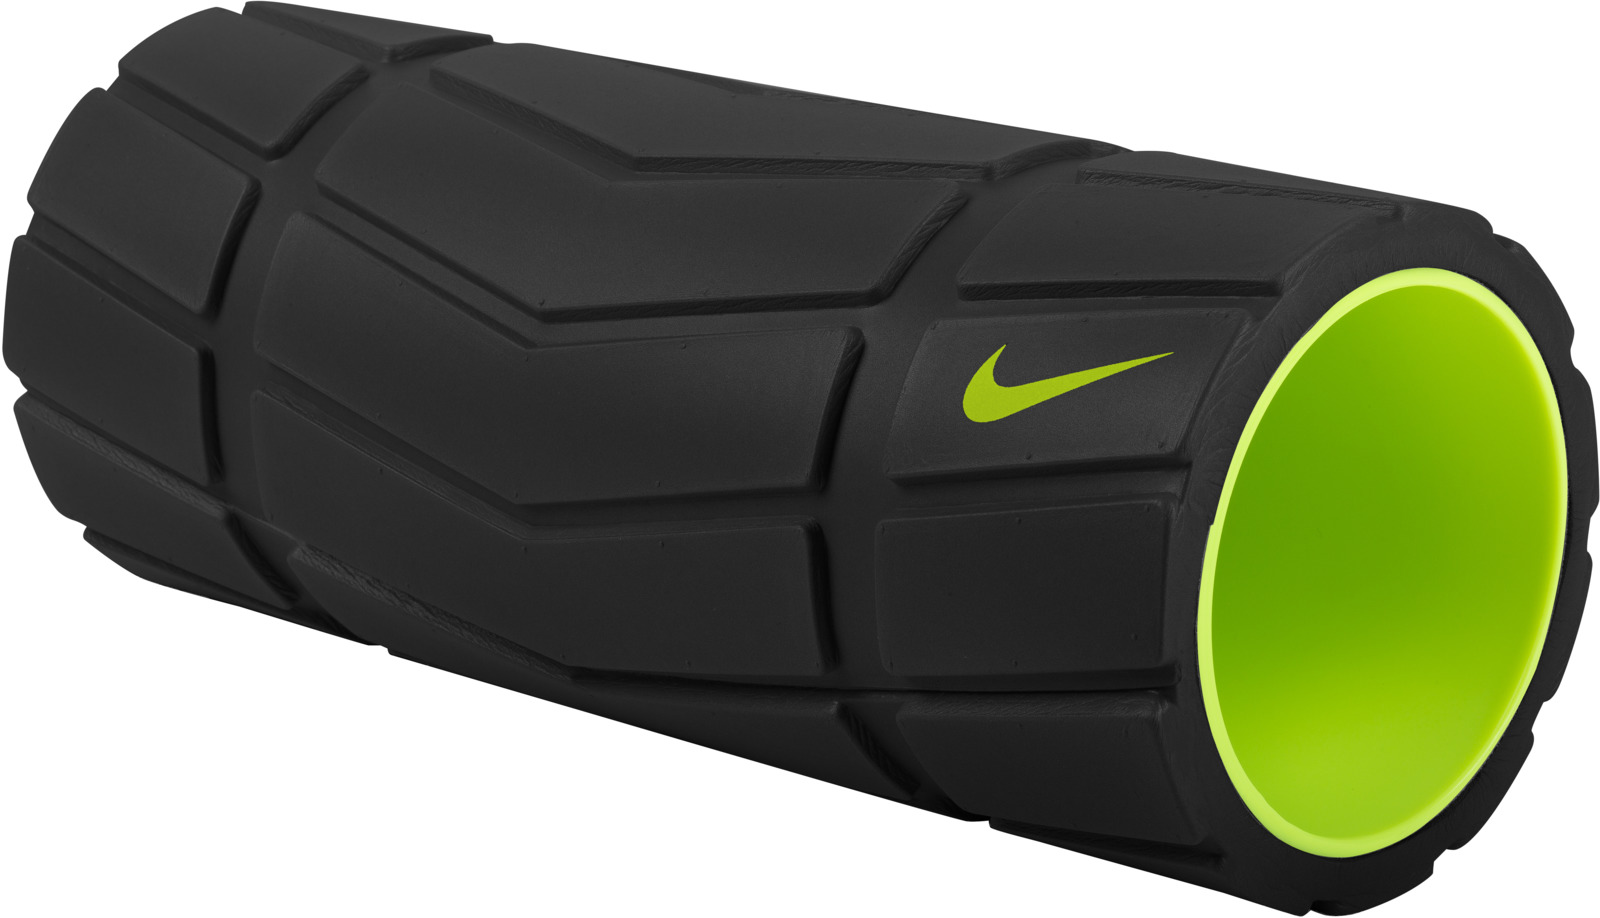 Ролик массажный Nike, цвет: черный, желтый ролик массажный torneo электрический